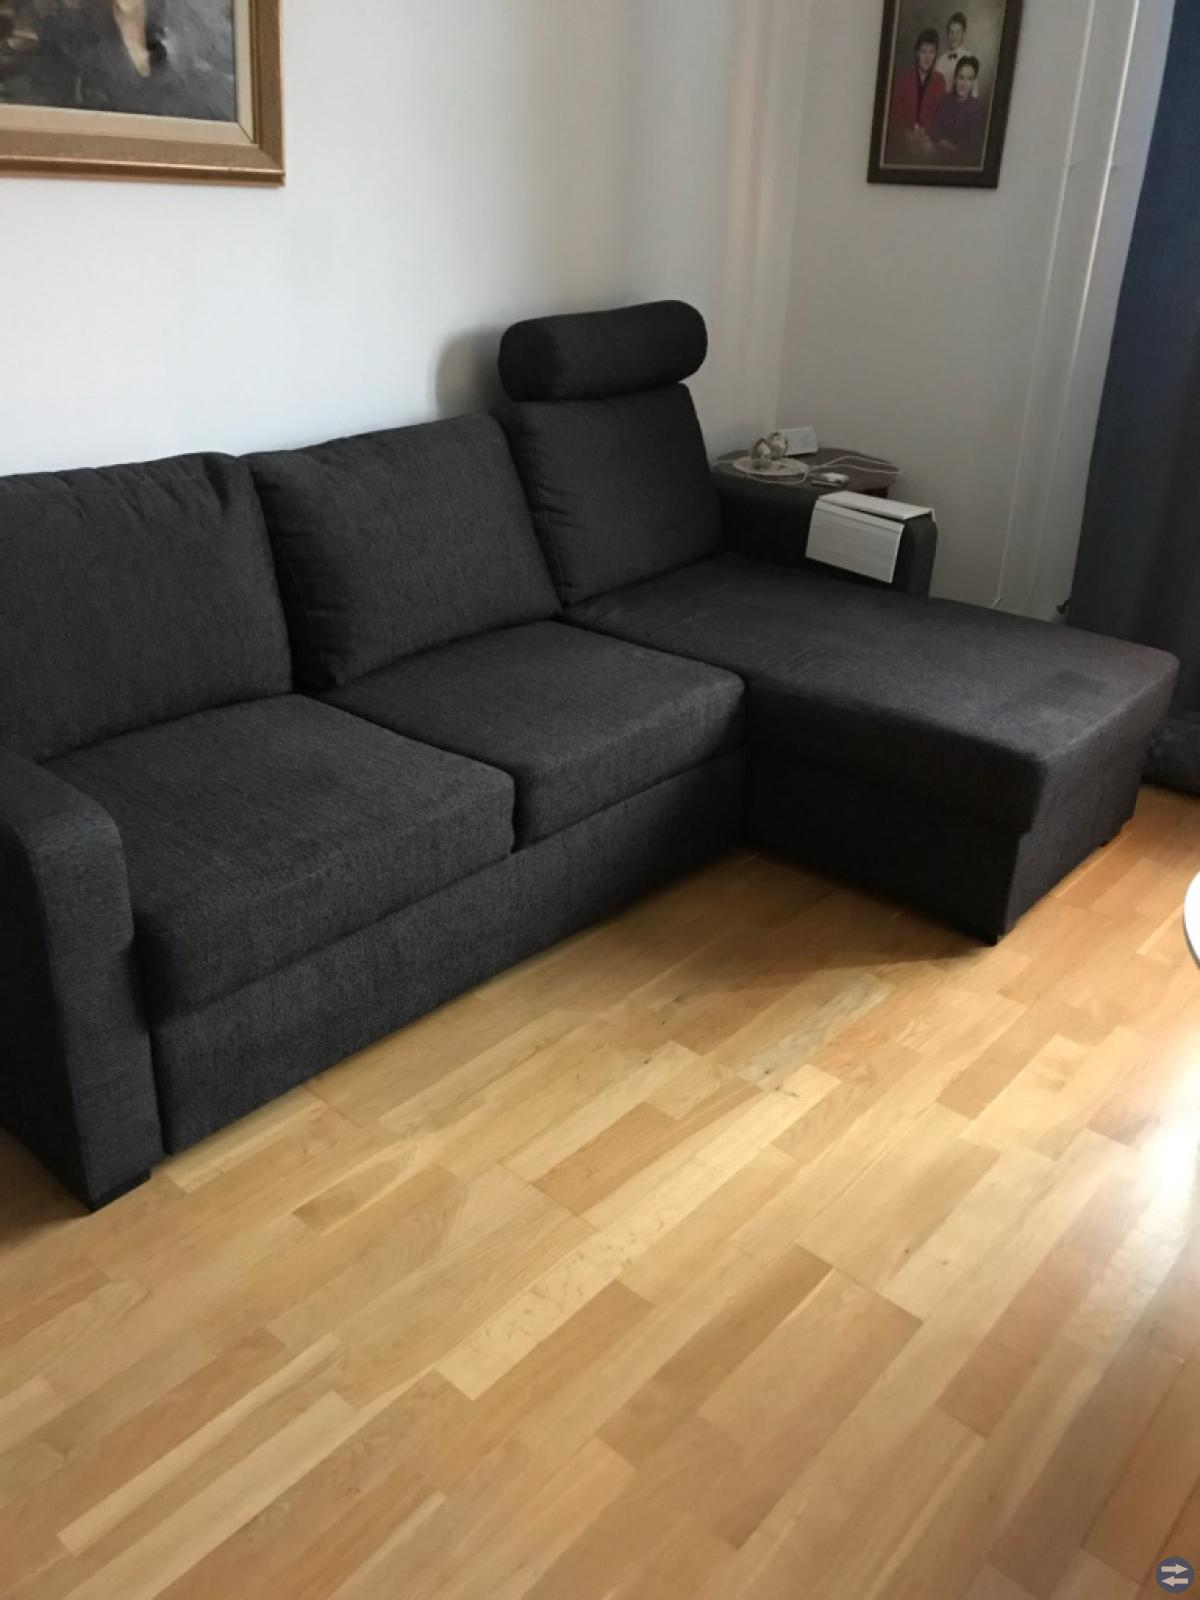 3-sitsig bäddsoffa med divan